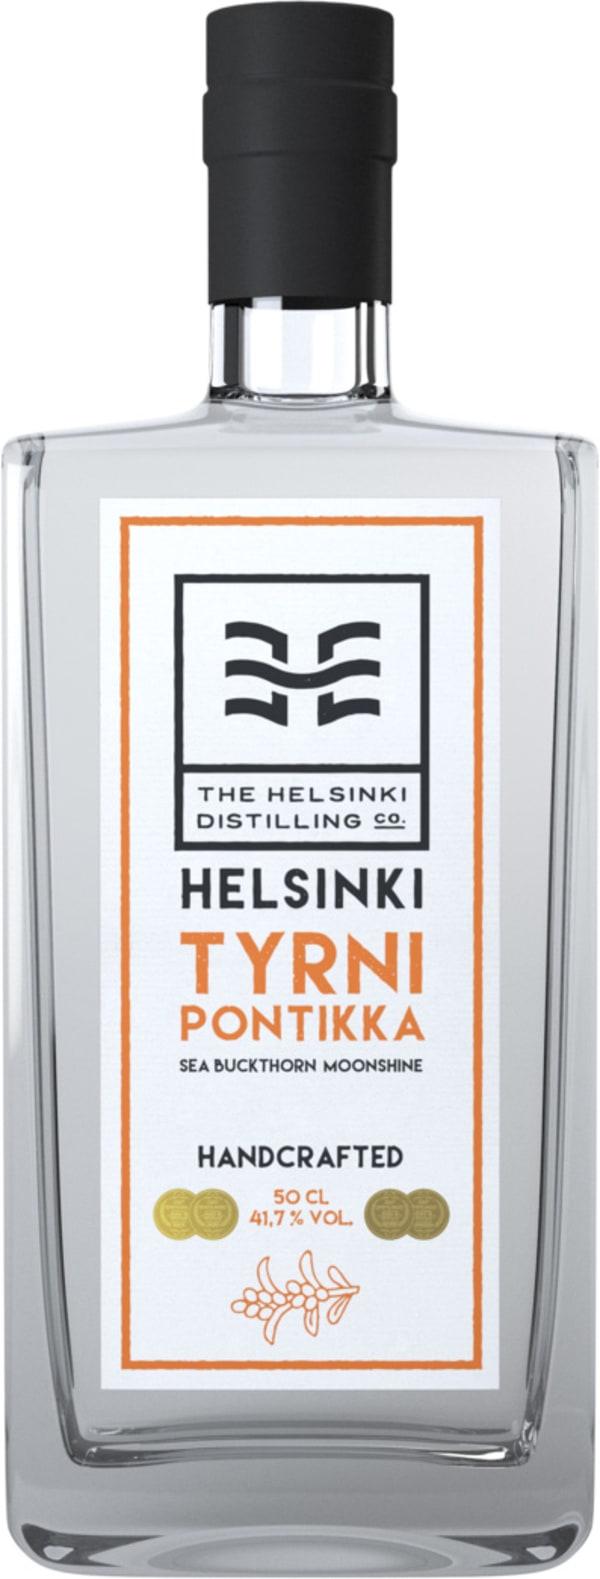 Helsinki Tyrnipontikka